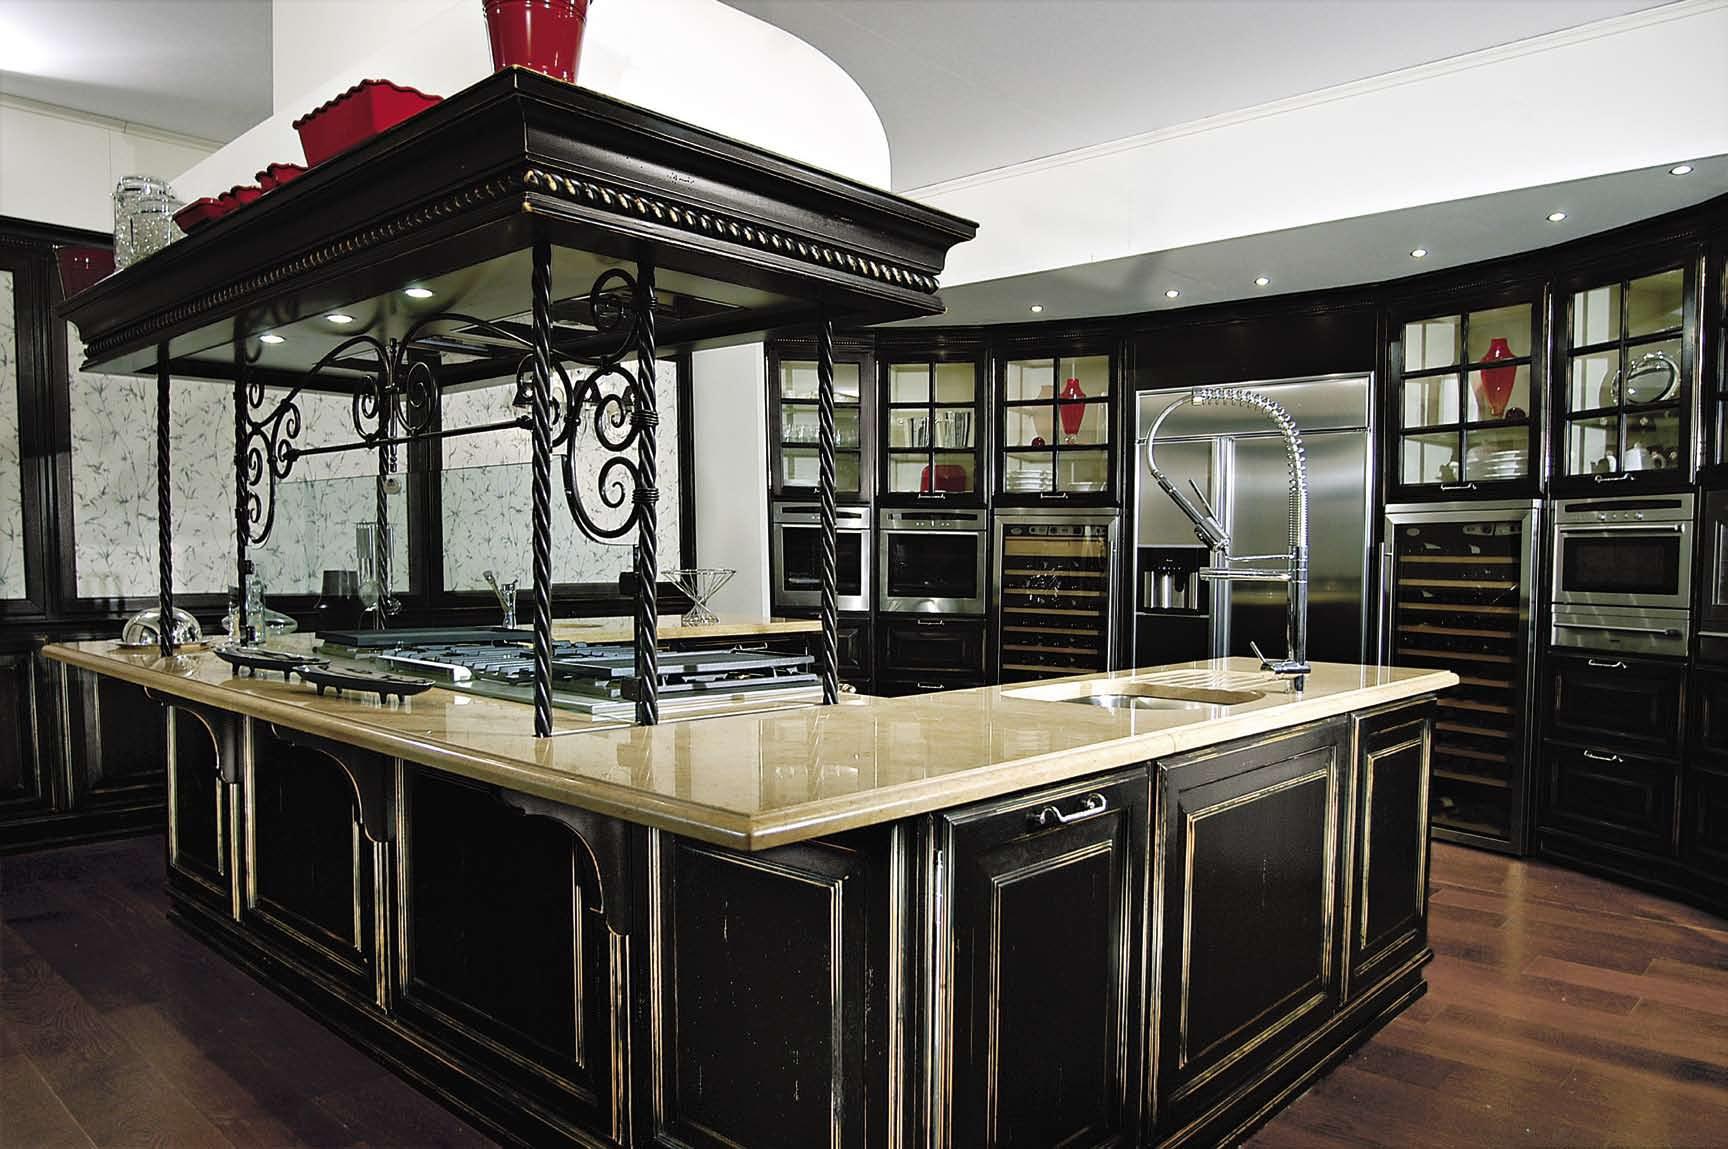 Maison classique for Maison classique emporium